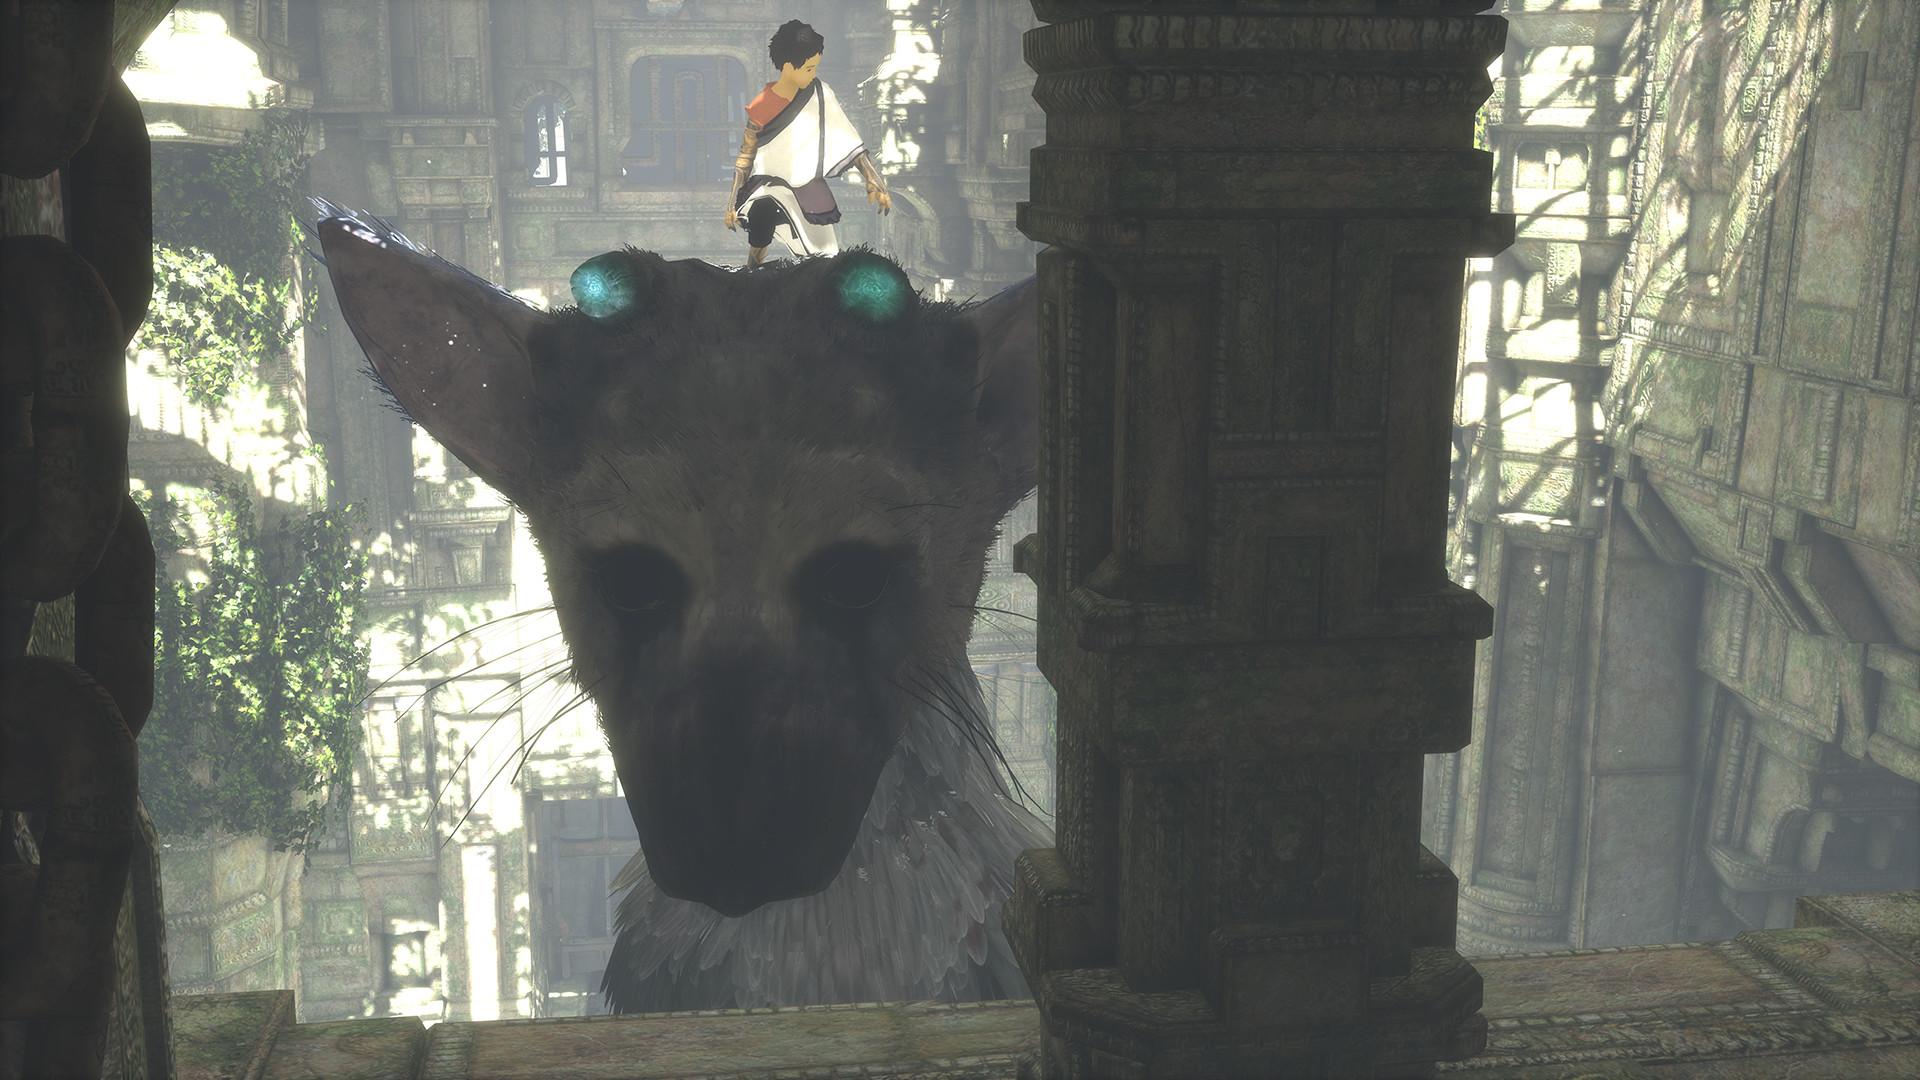 Screenshot: Ein Bub steht auf dem Kopf einer riesigen Kreatur.